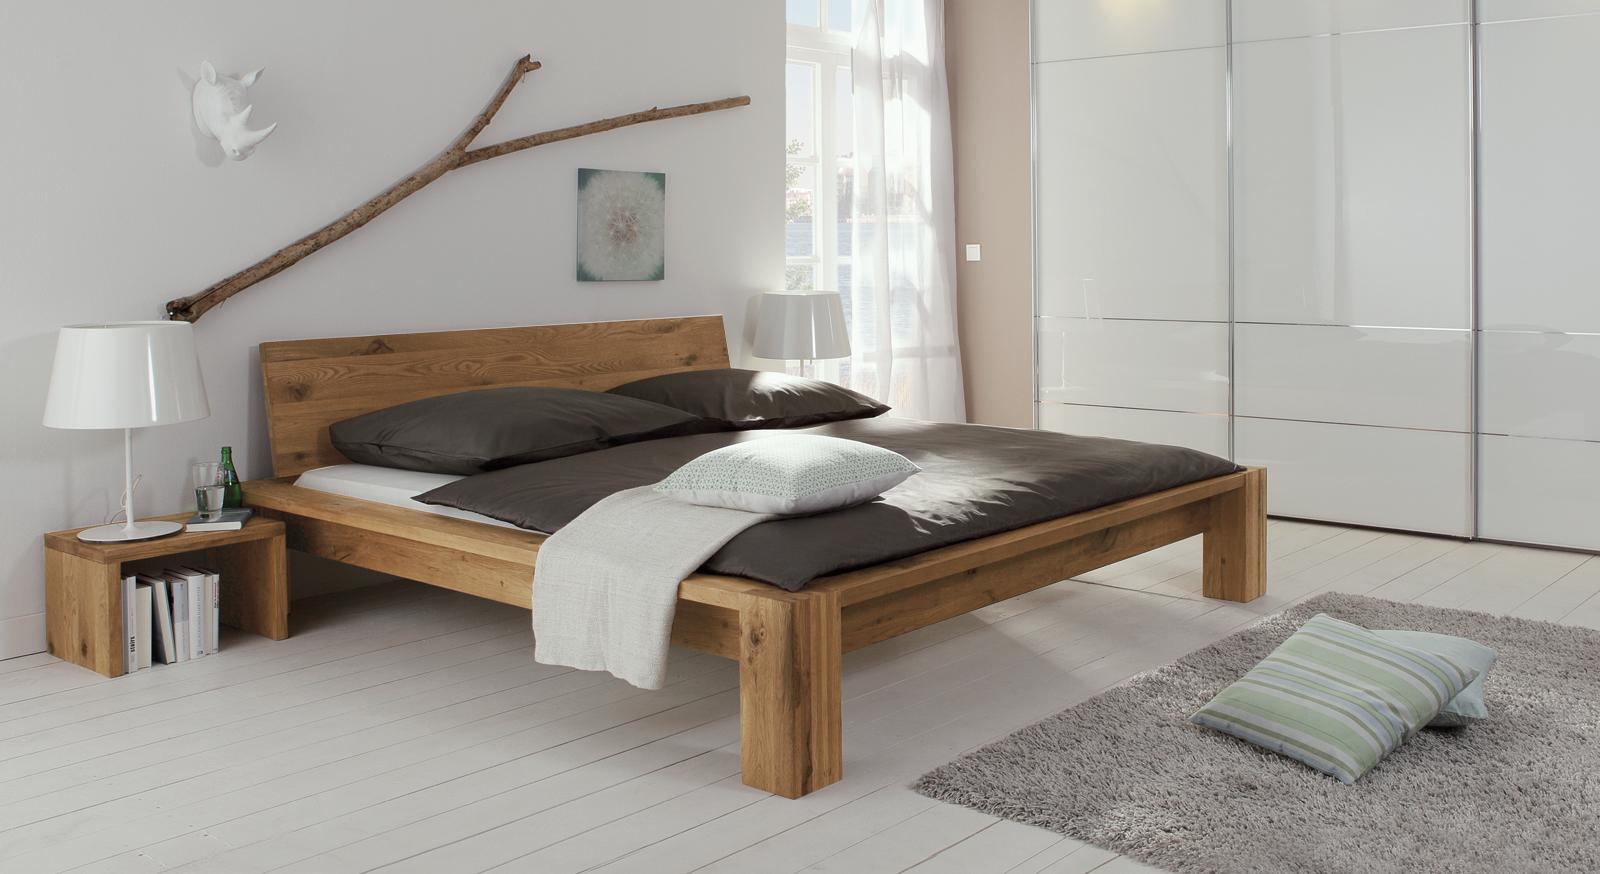 Full Size of Betten Holz Hochwertige Massivholzbetten Im Vergleich Und Test 2020 Bettende Fliesen Holzoptik Bad Japanische 200x220 Ikea 160x200 100x200 Außergewöhnliche Bett Betten Holz